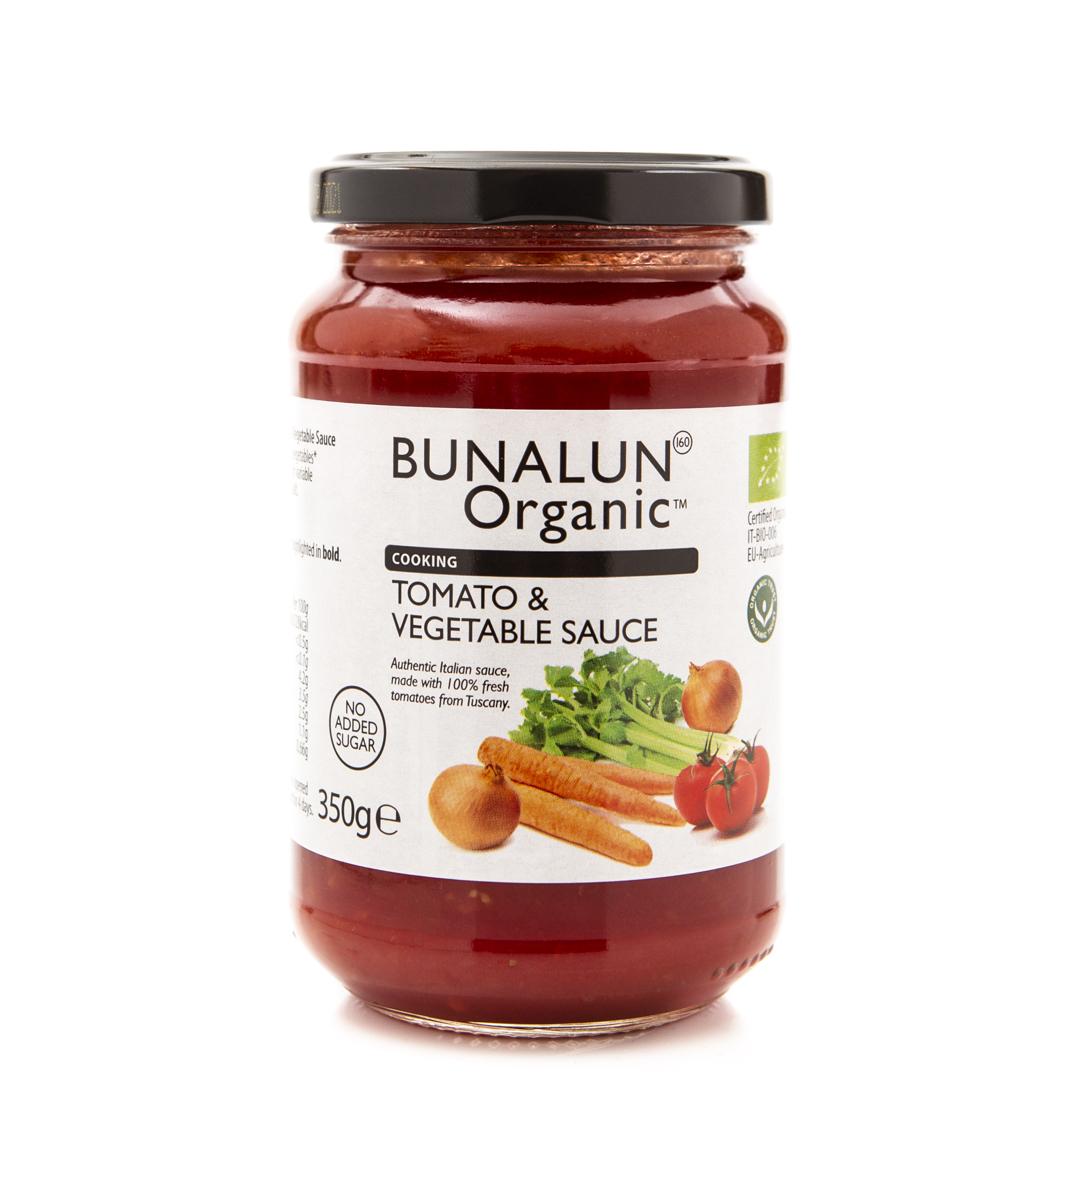 bunalun_wb_italian_info (5 of 11).jpg